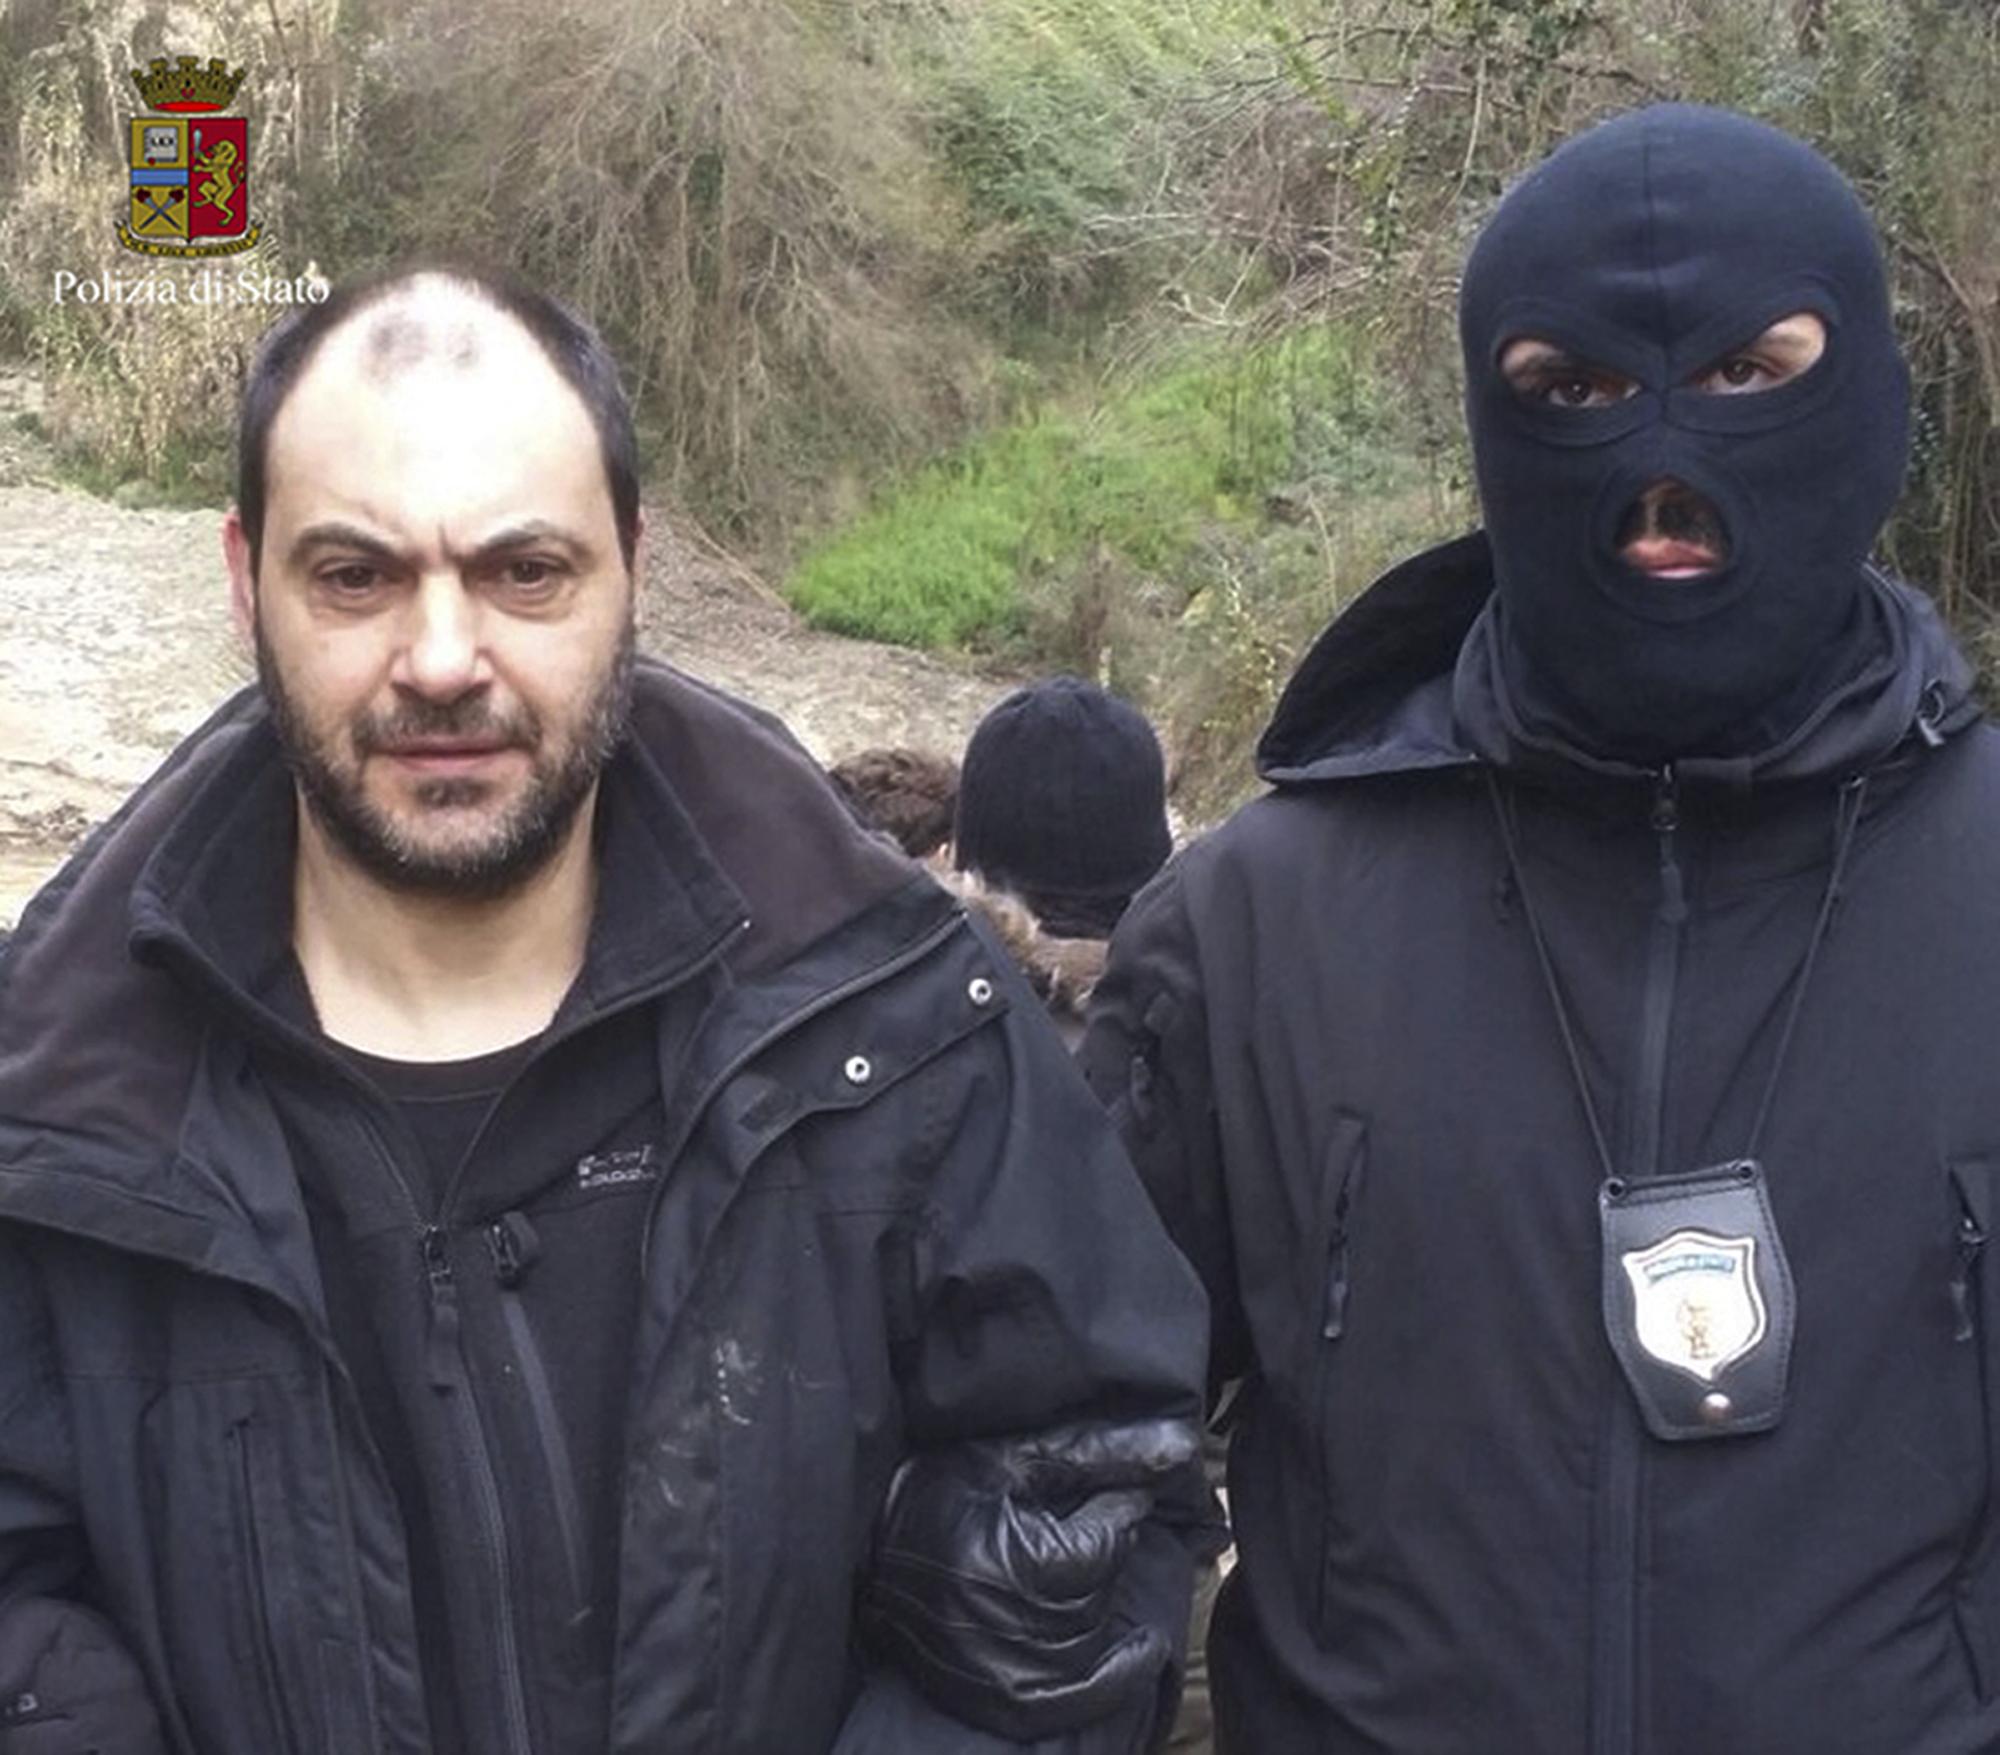 Giuseppe Ferraro is taken into custody after he was arrested in a bunker, on Jan. 29, 2016.